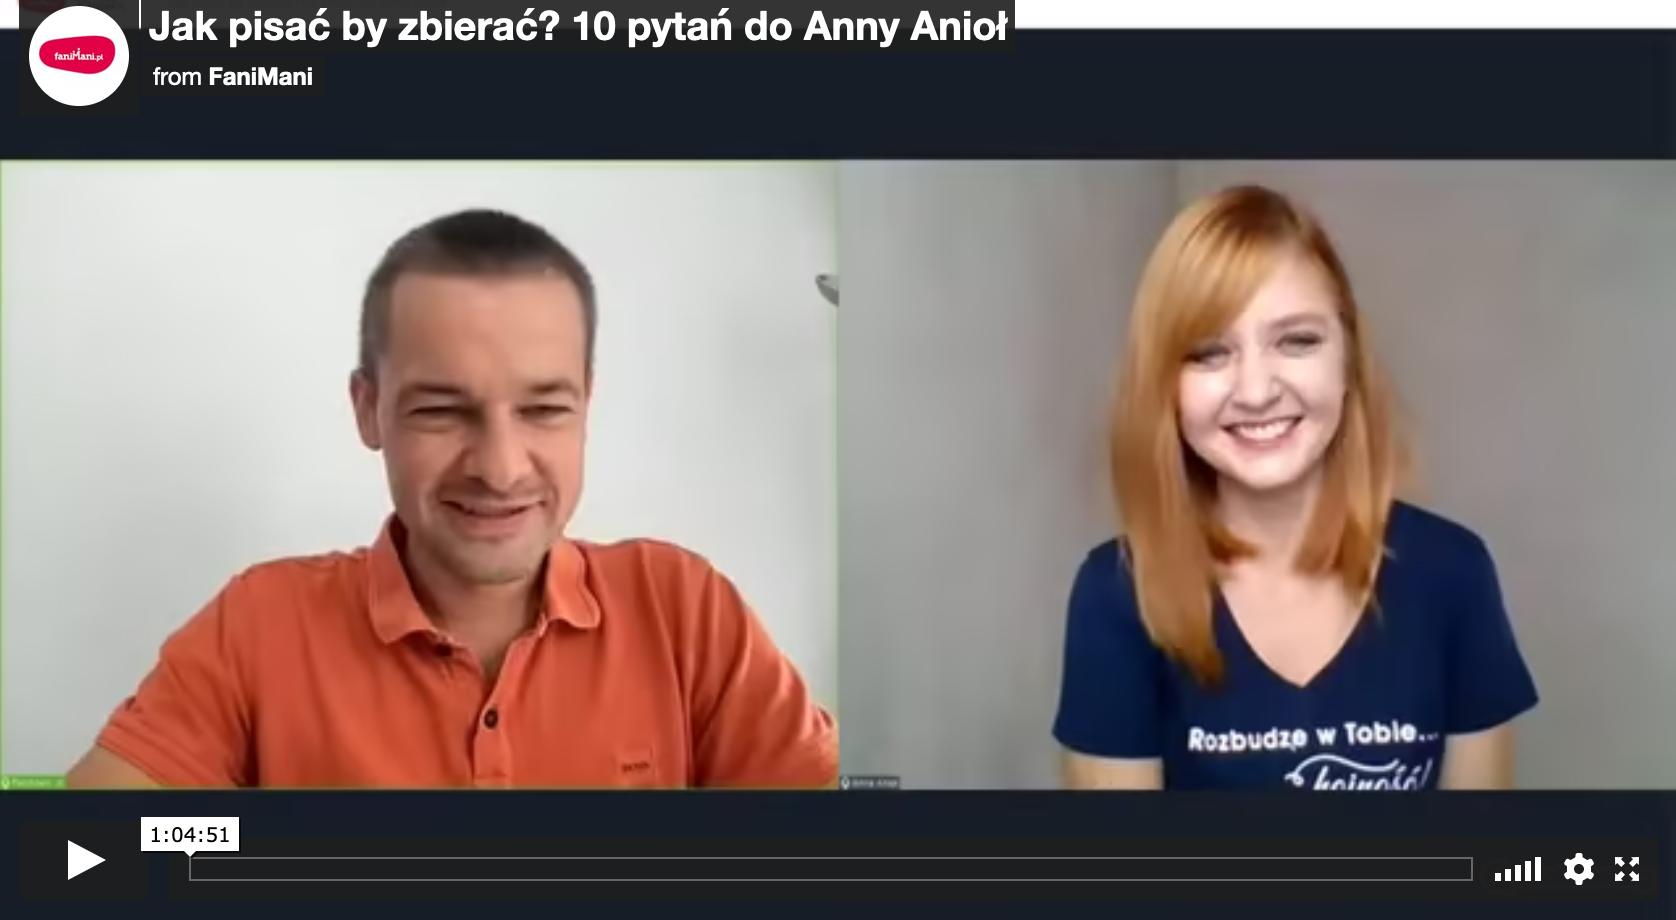 Jak pisać by zbierać? 10 pytań do Anny Anioł